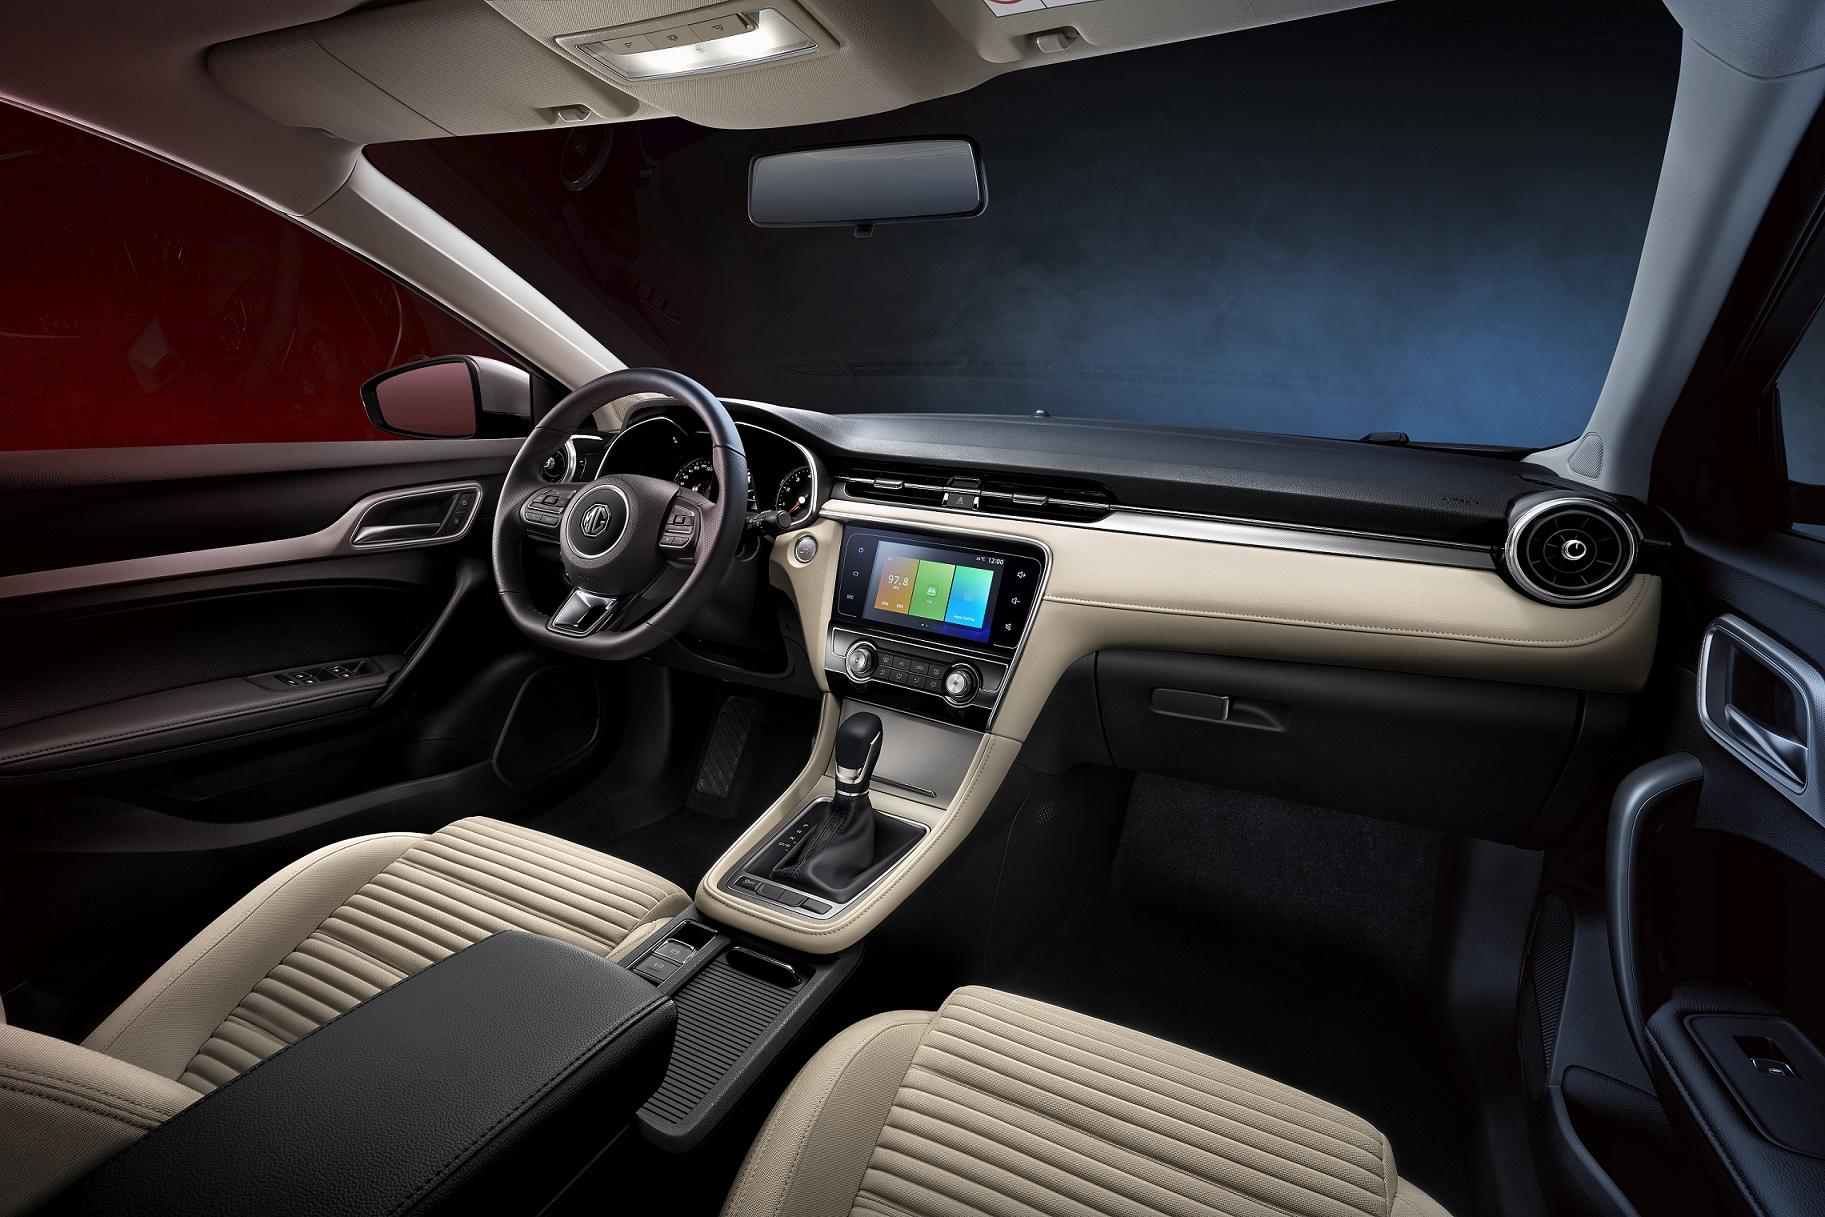 إم جي موتور تطلق رسميا طراز Mg6 الجديد كل يا في الشرق الأوسط